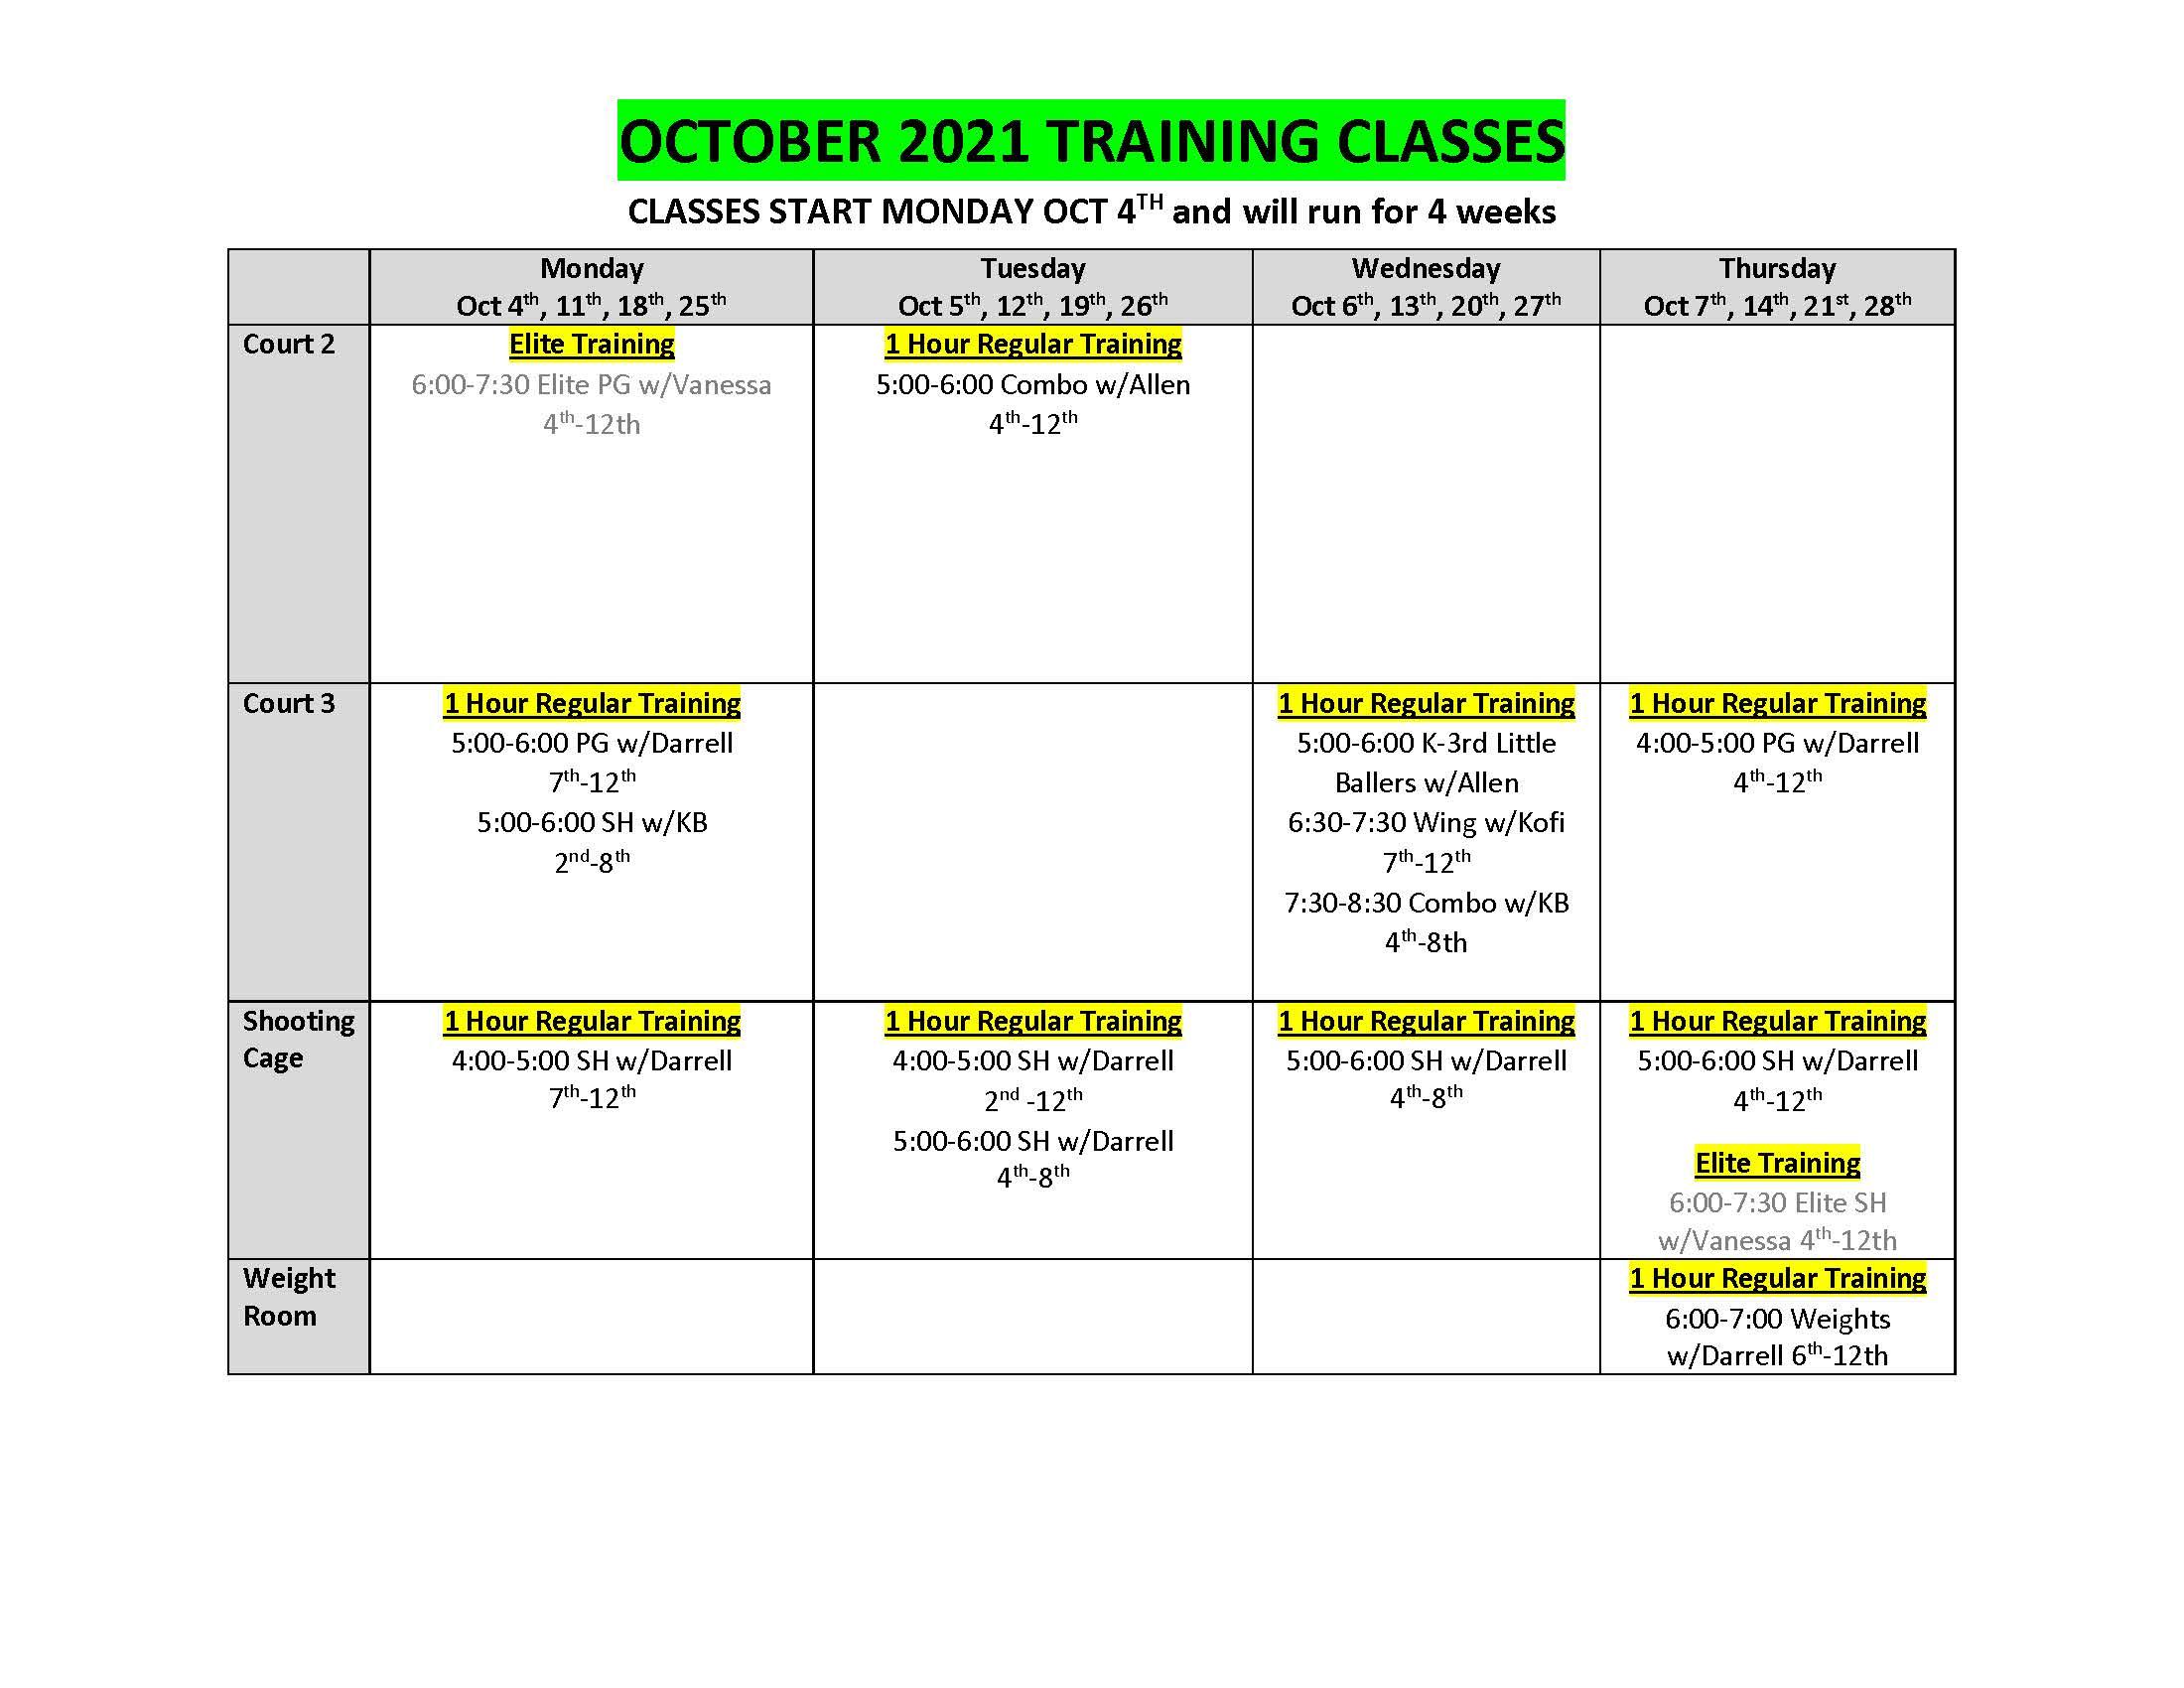 OCTOBER 2021 TRAINING CLASSES_